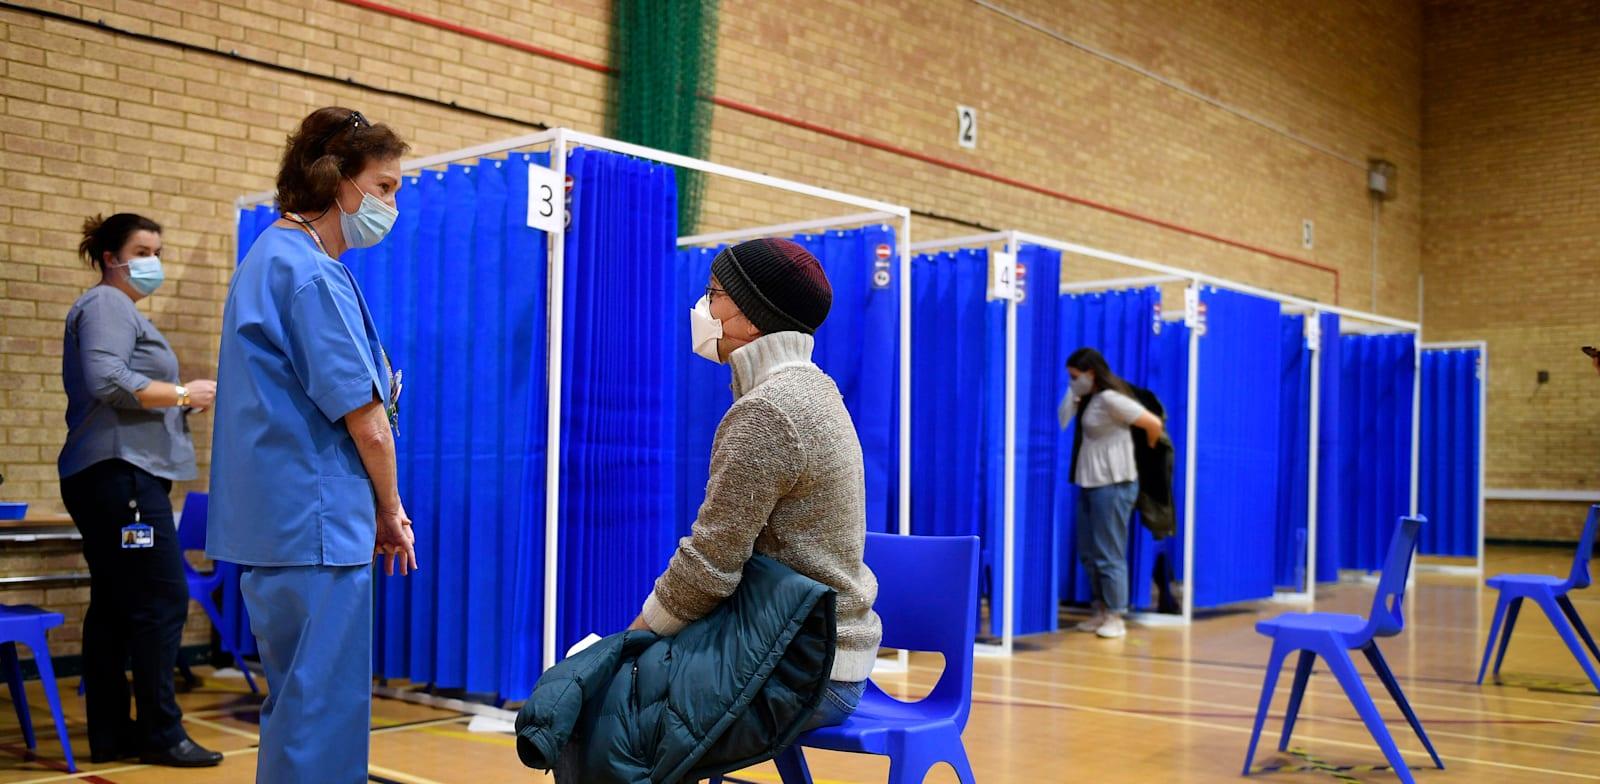 מבצע החיסונים לקורונה בבריטניה / צילום: Associated Press